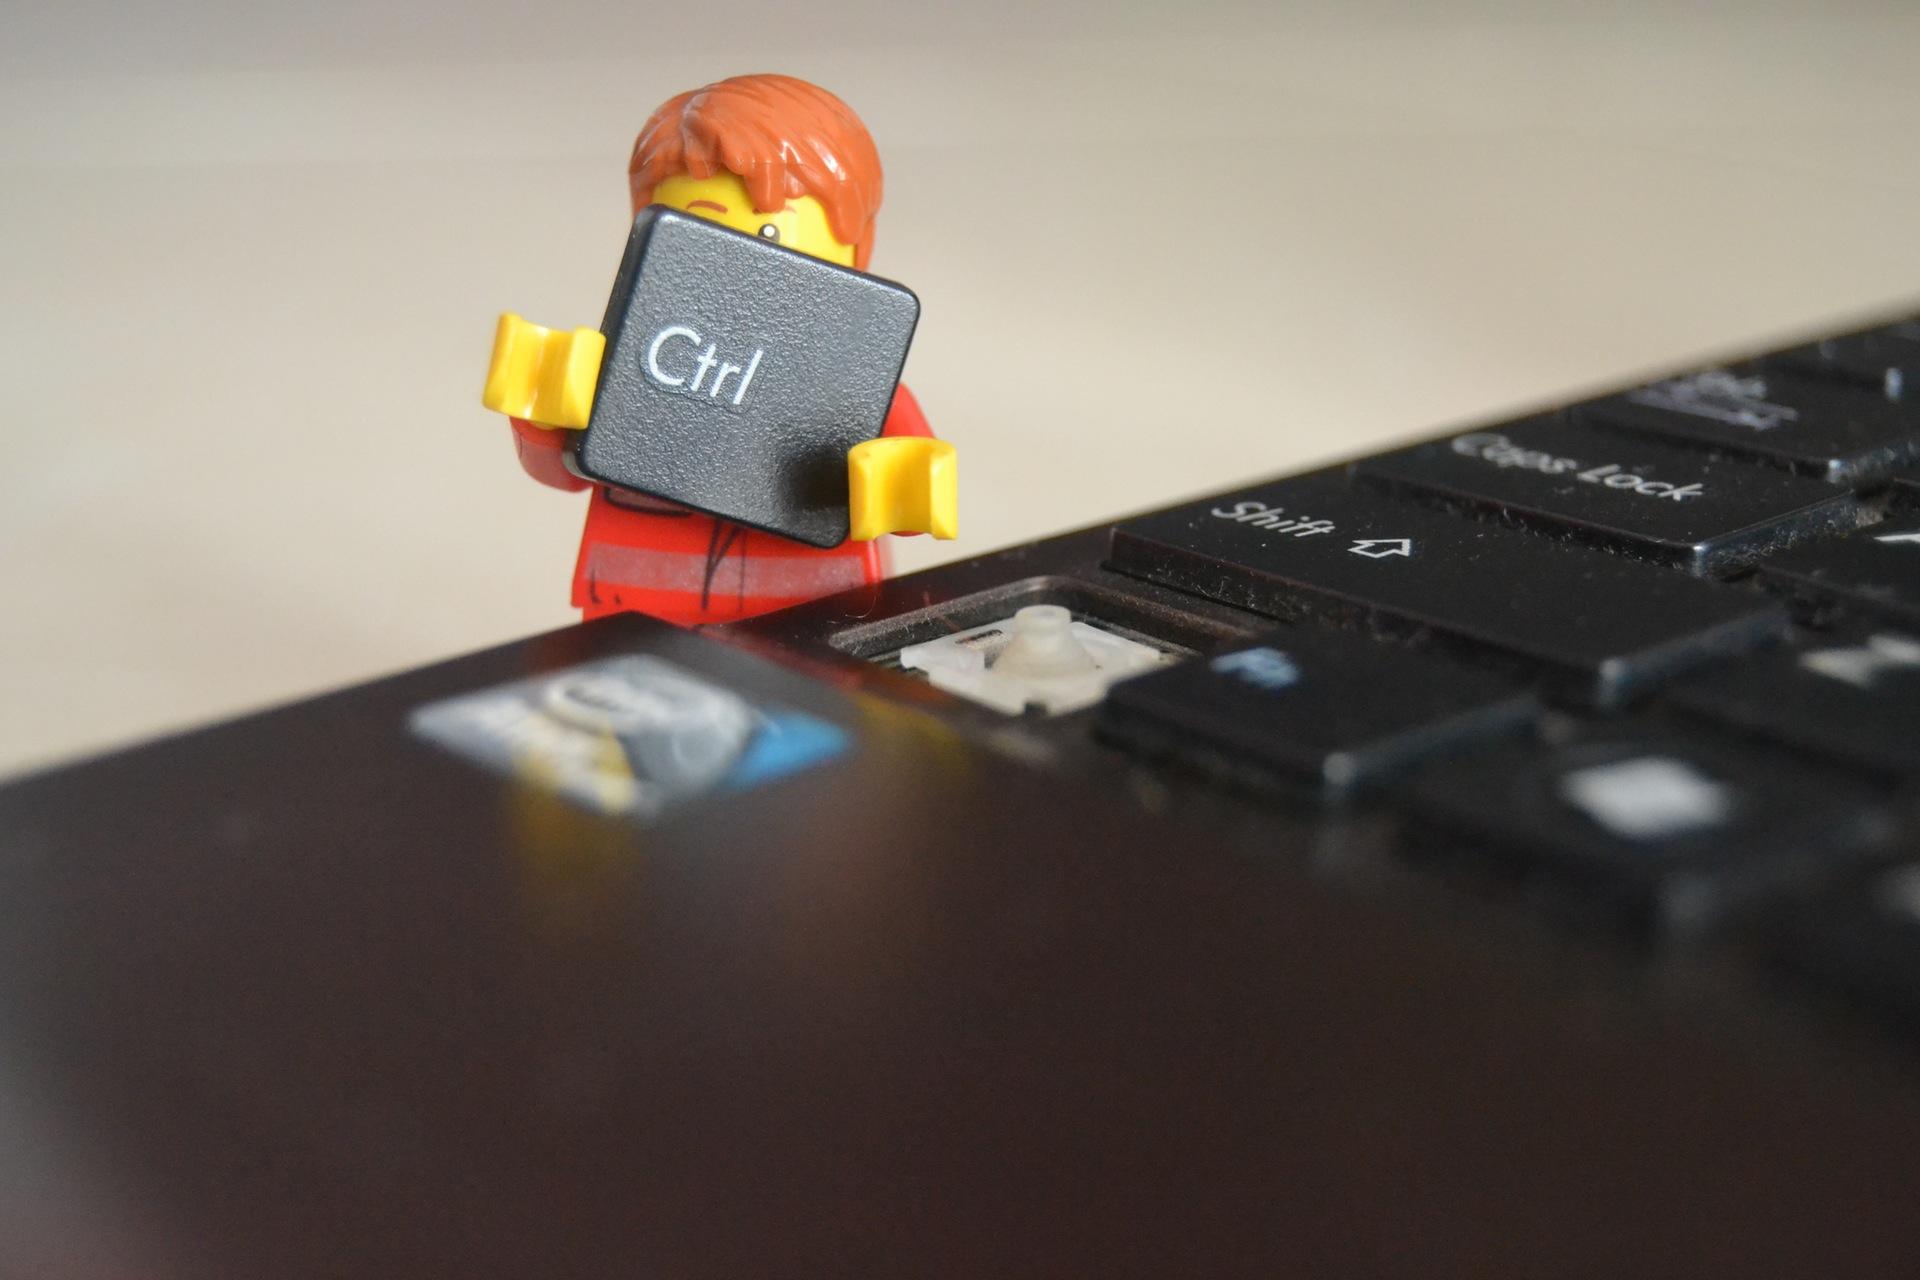 पोर्टेबल, खिलौना, कुंजीपटल, मरम्मत, लघु, लेगो - HD वॉलपेपर - प्रोफेसर-falken.com